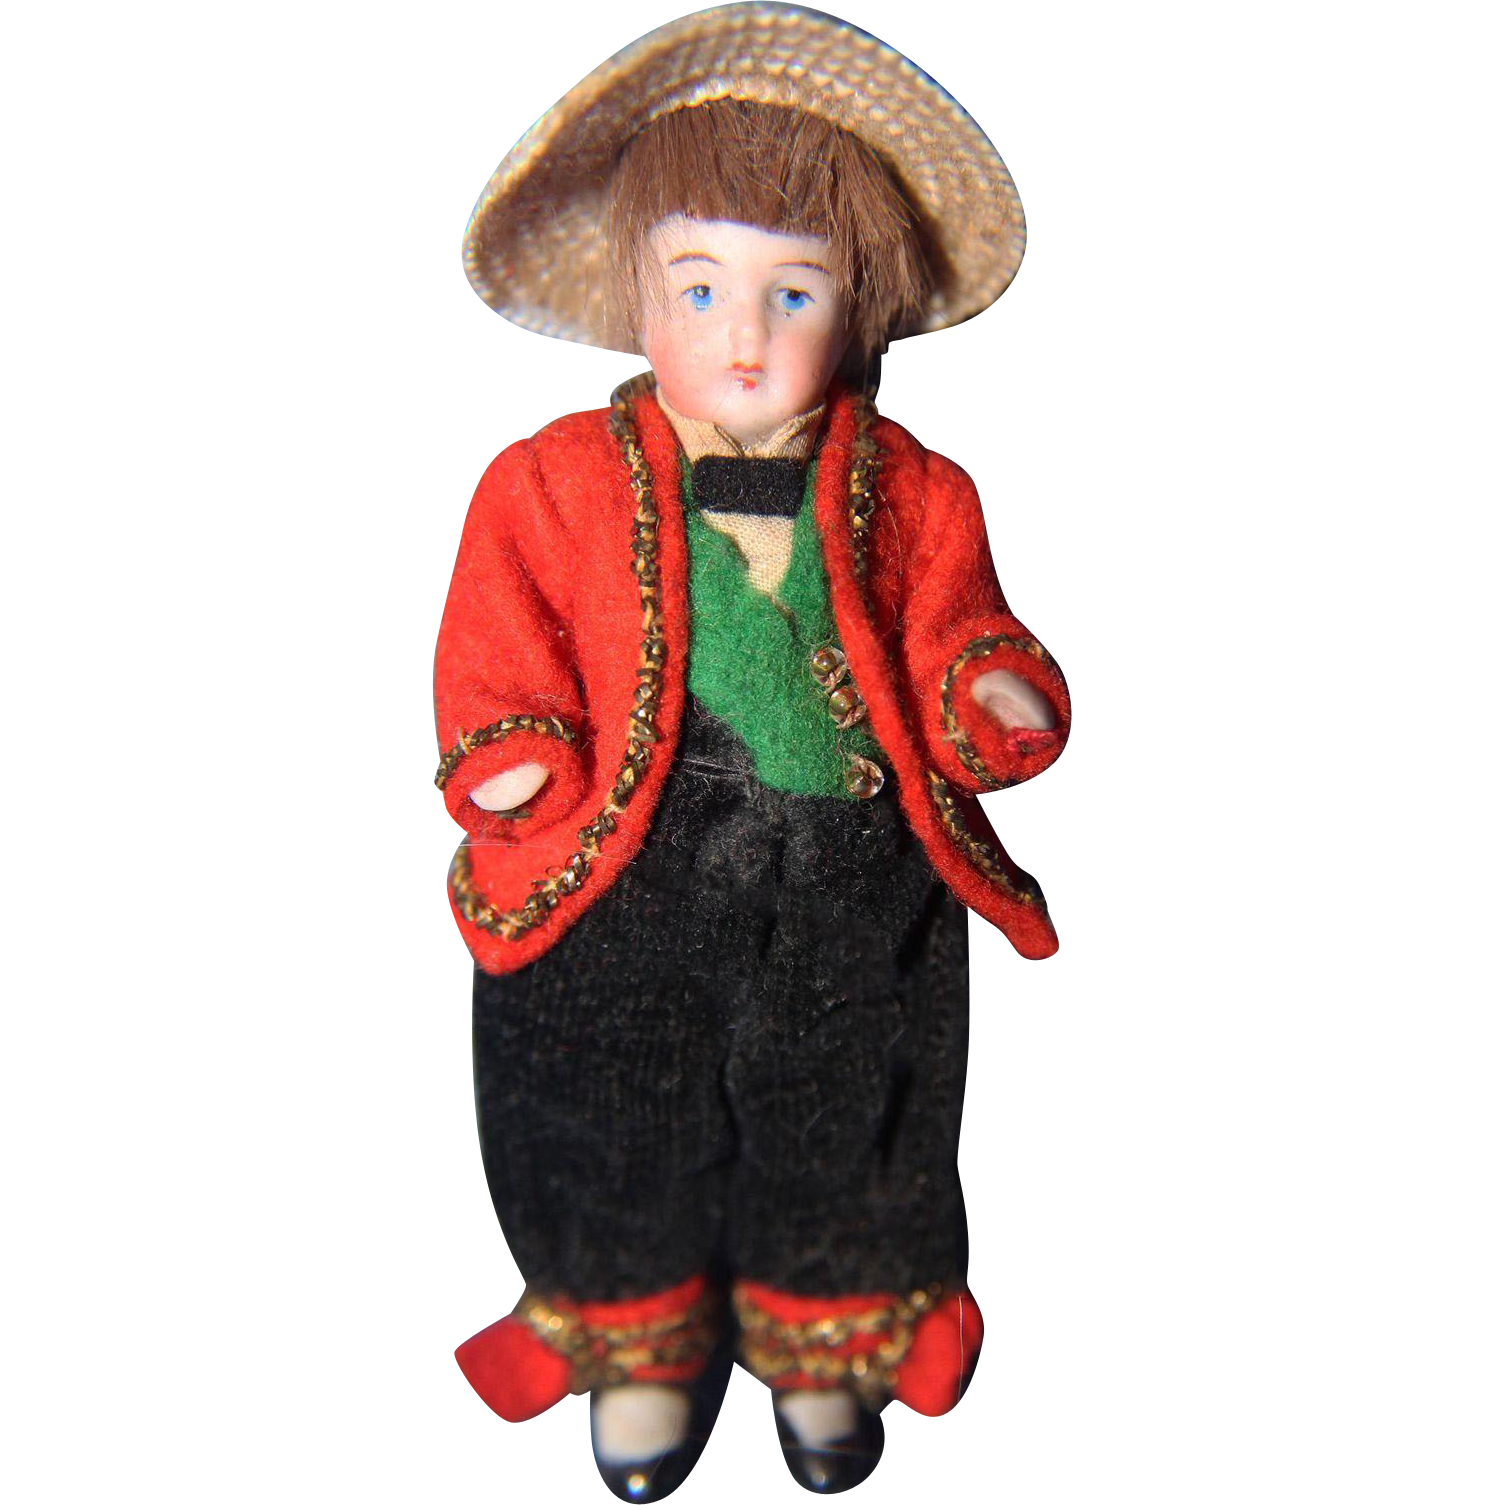 All Bisque Boy Doll